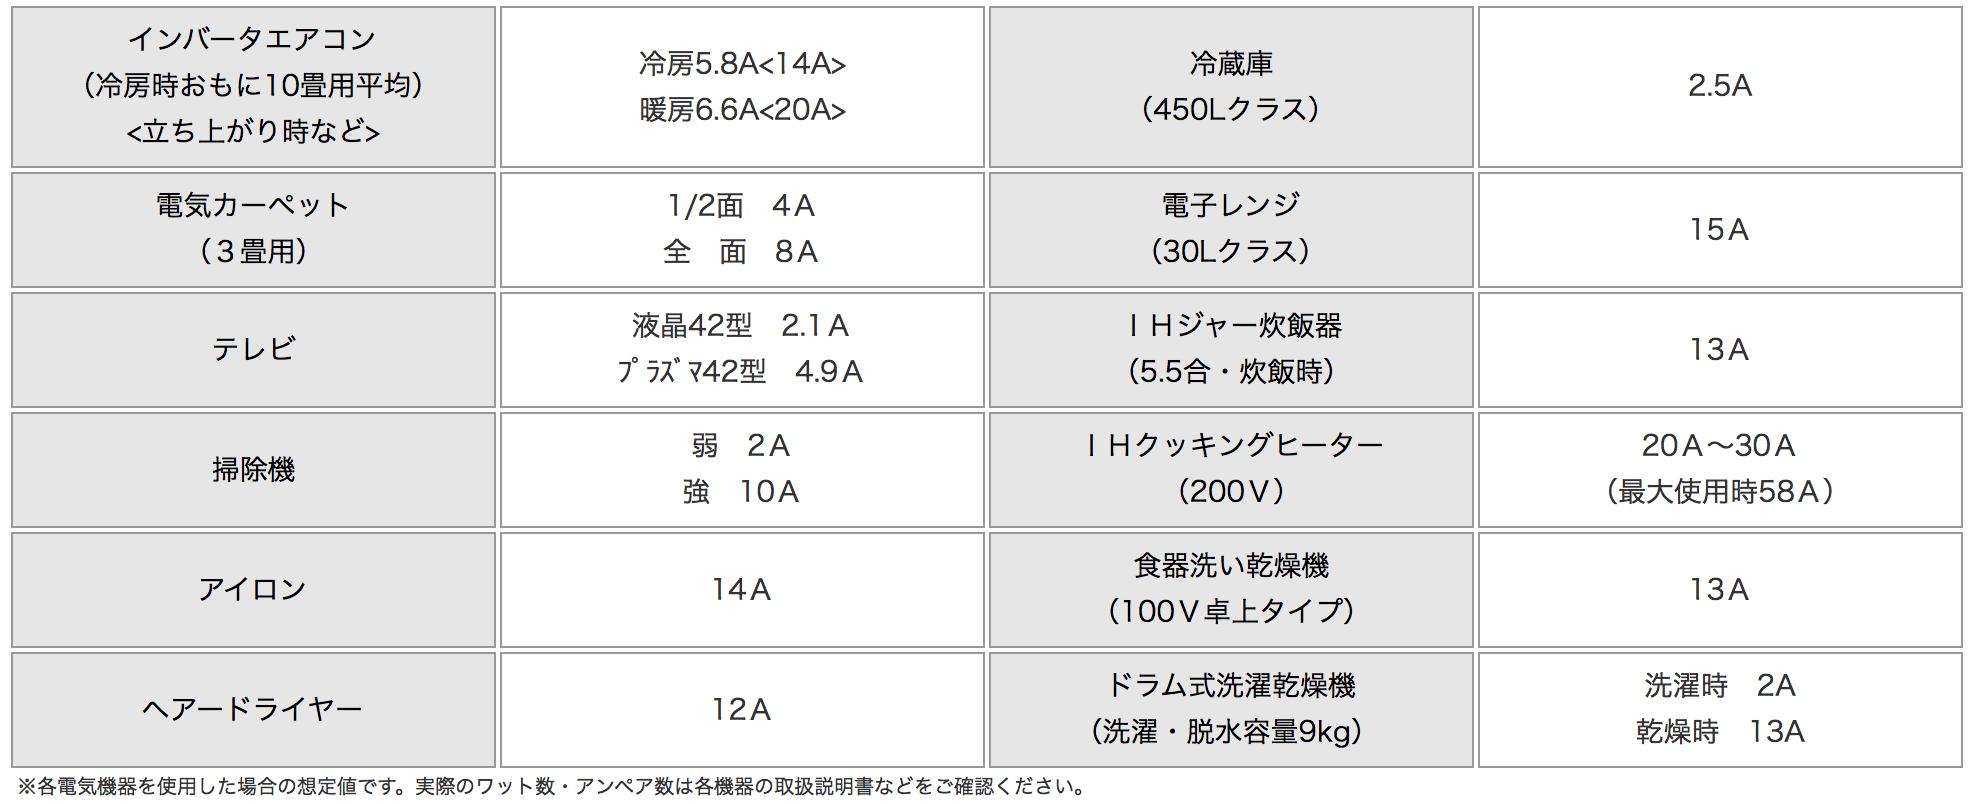 スクリーンショット 2017-01-13 14.52.33